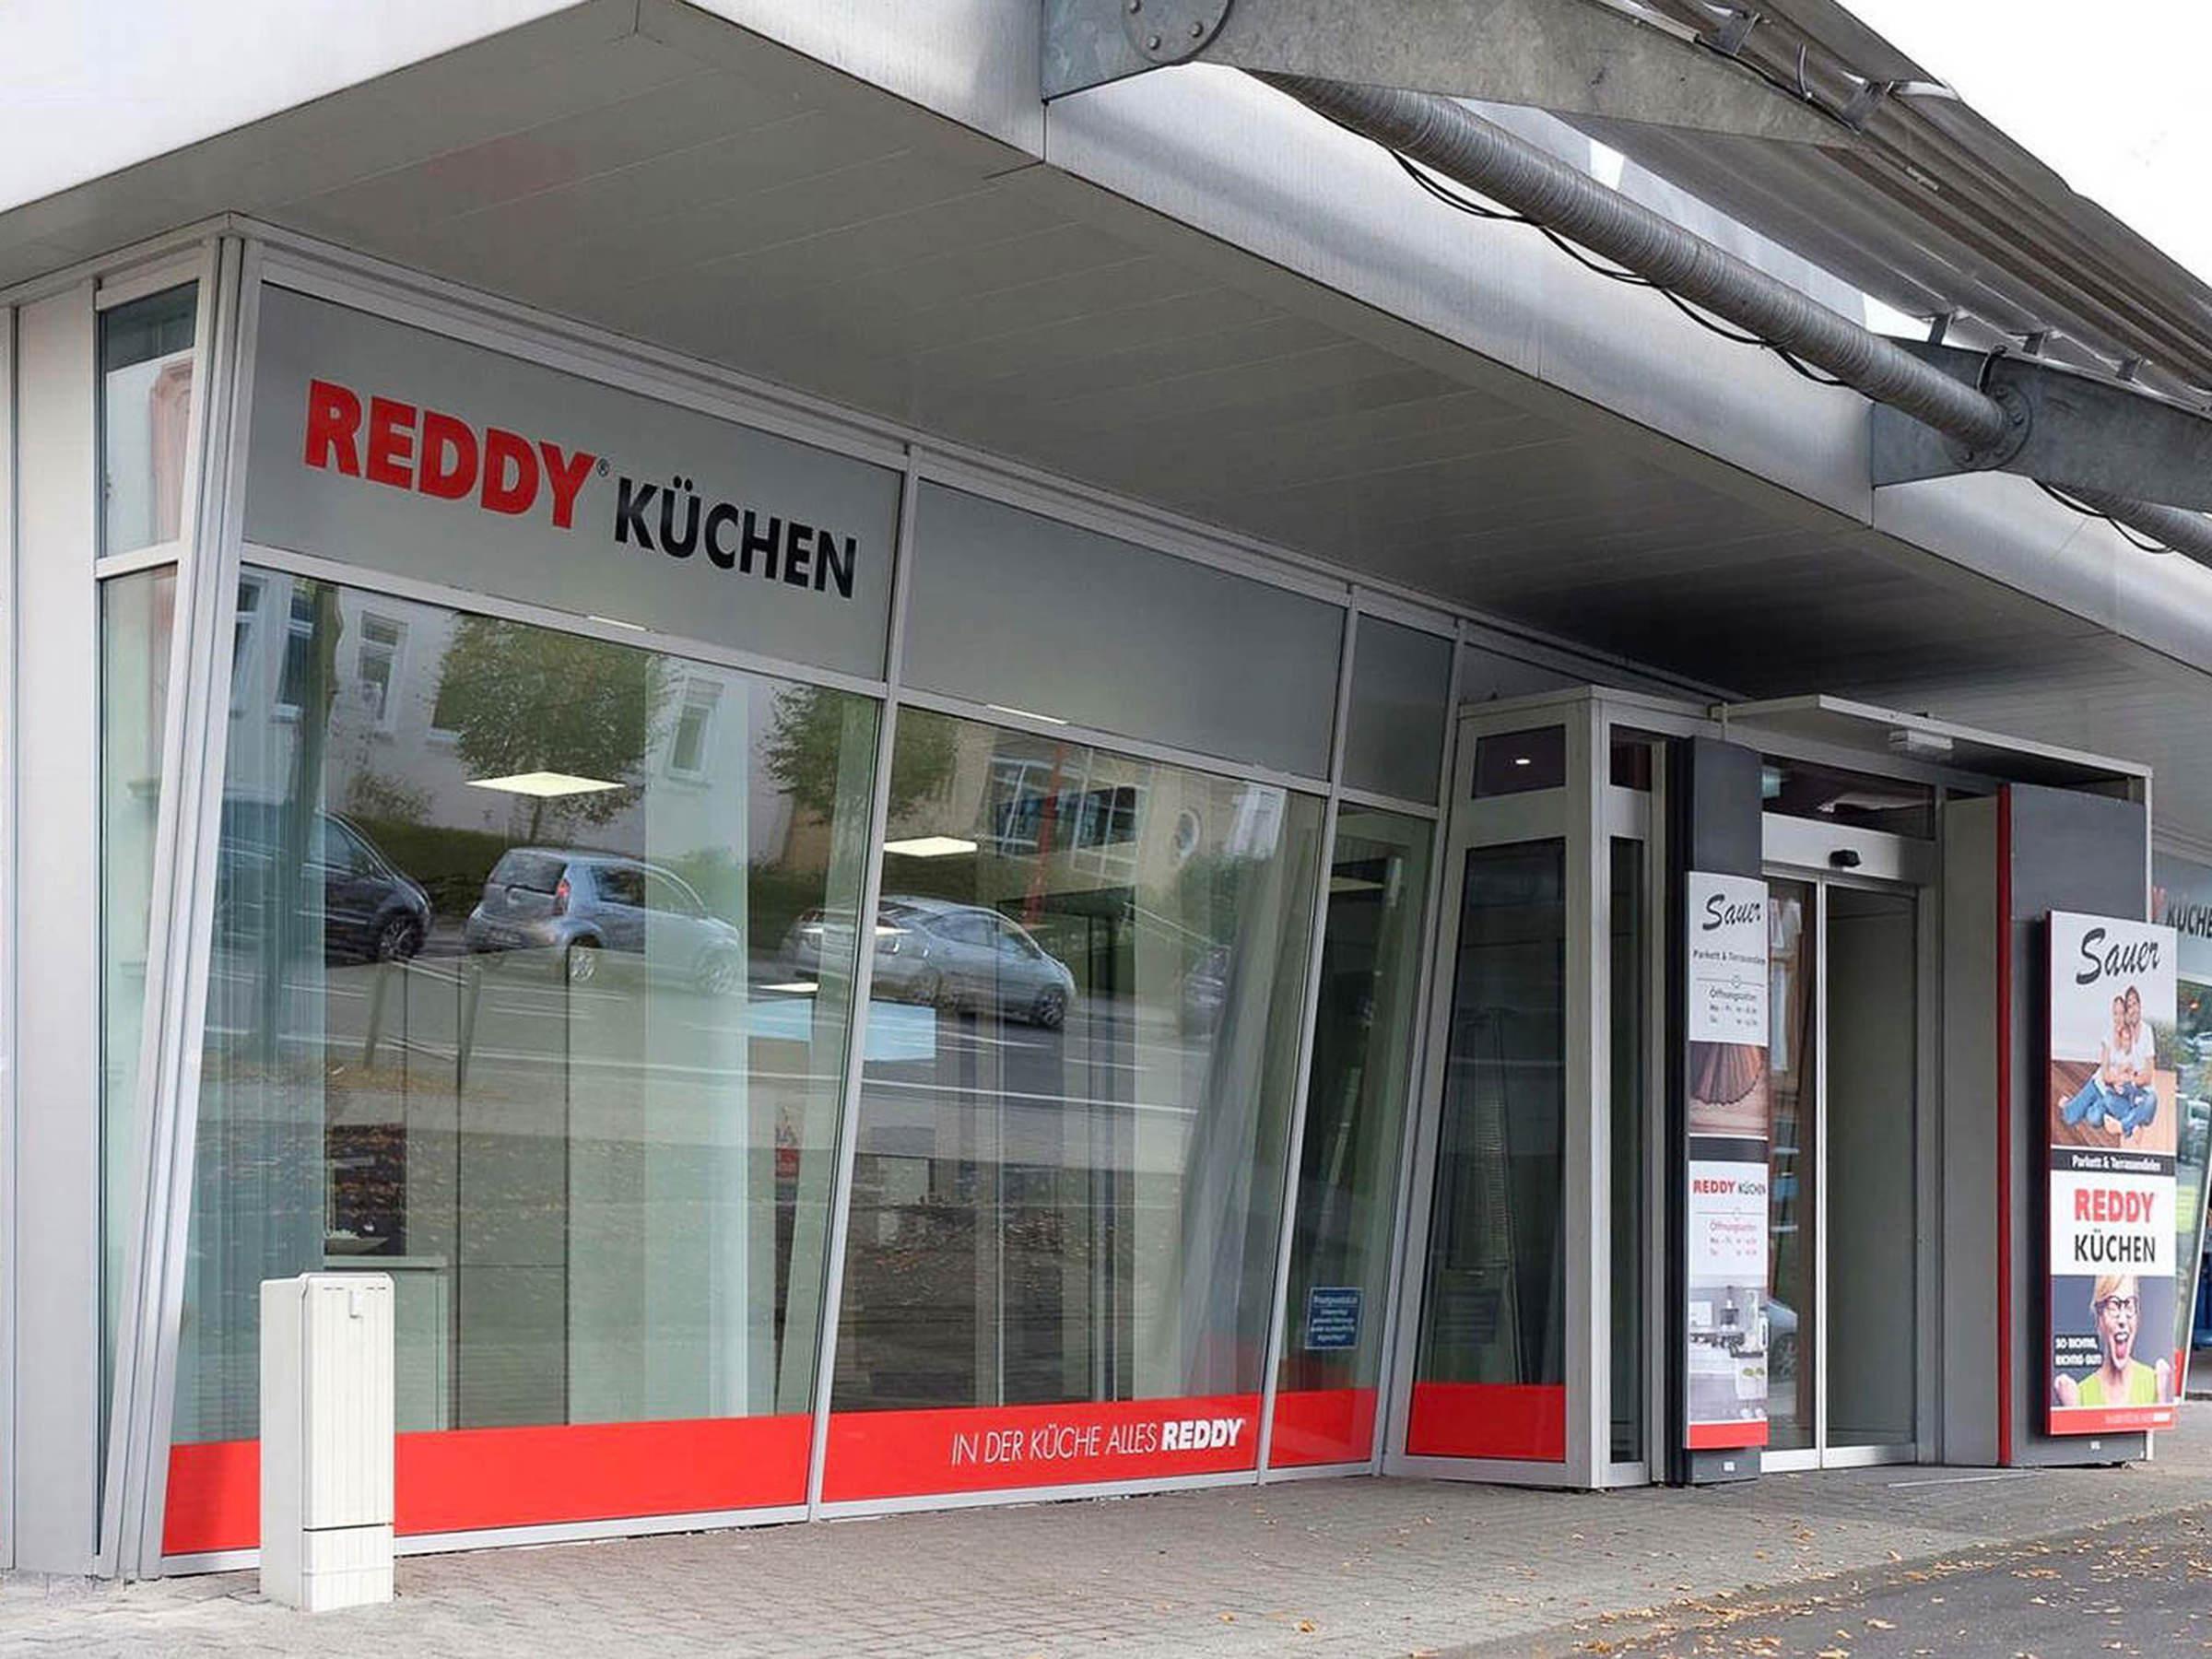 Reddy Küchen Frankfurt reddy küchen frankfurt speichern